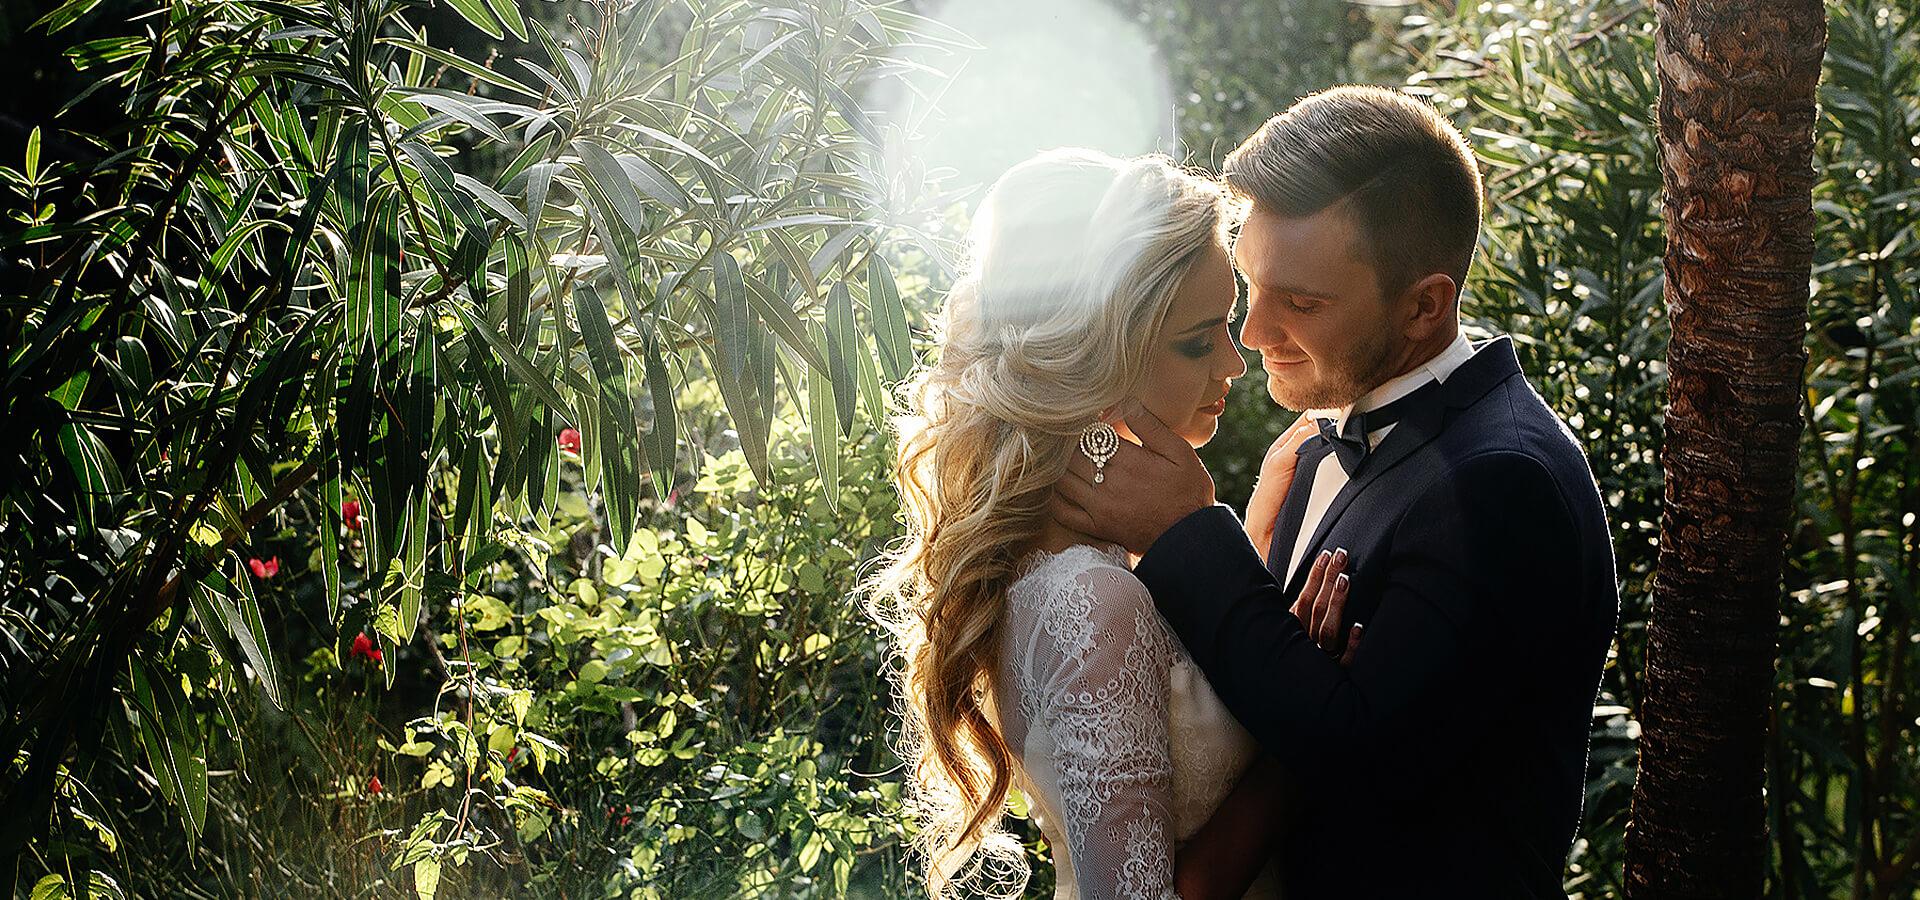 11 правил легкой свадебной подготовки